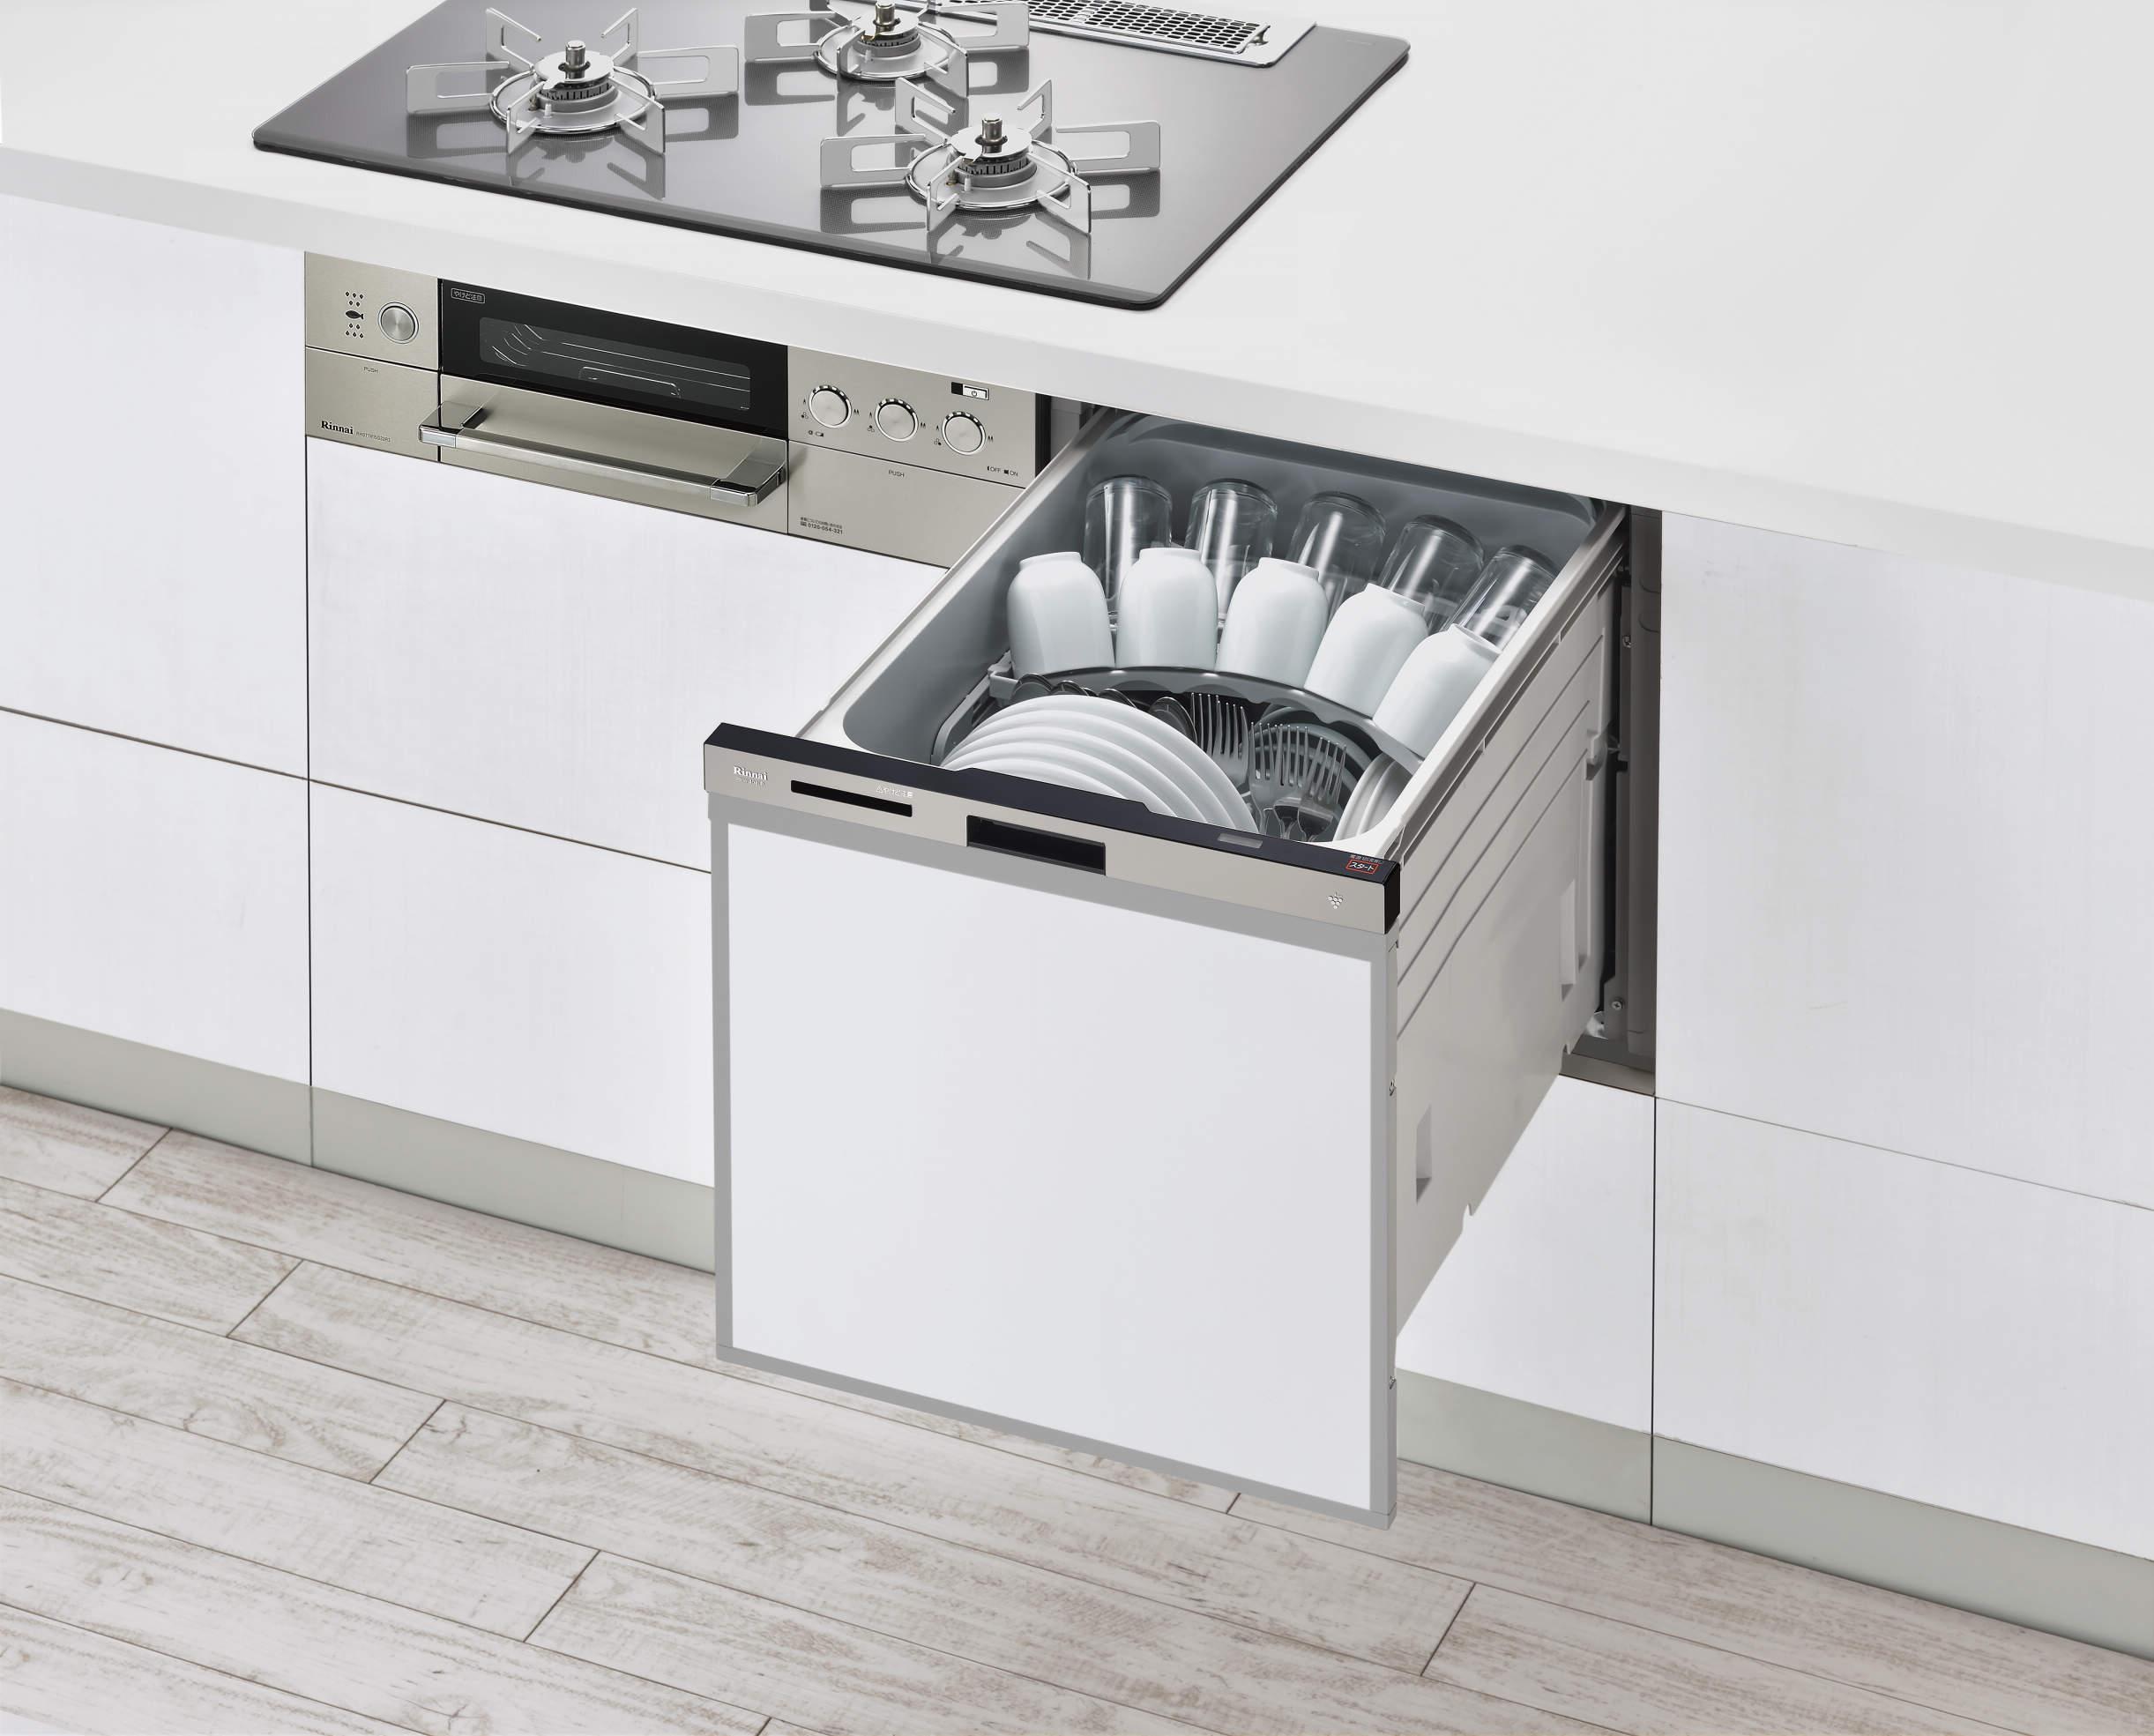 スライドオープン食洗機